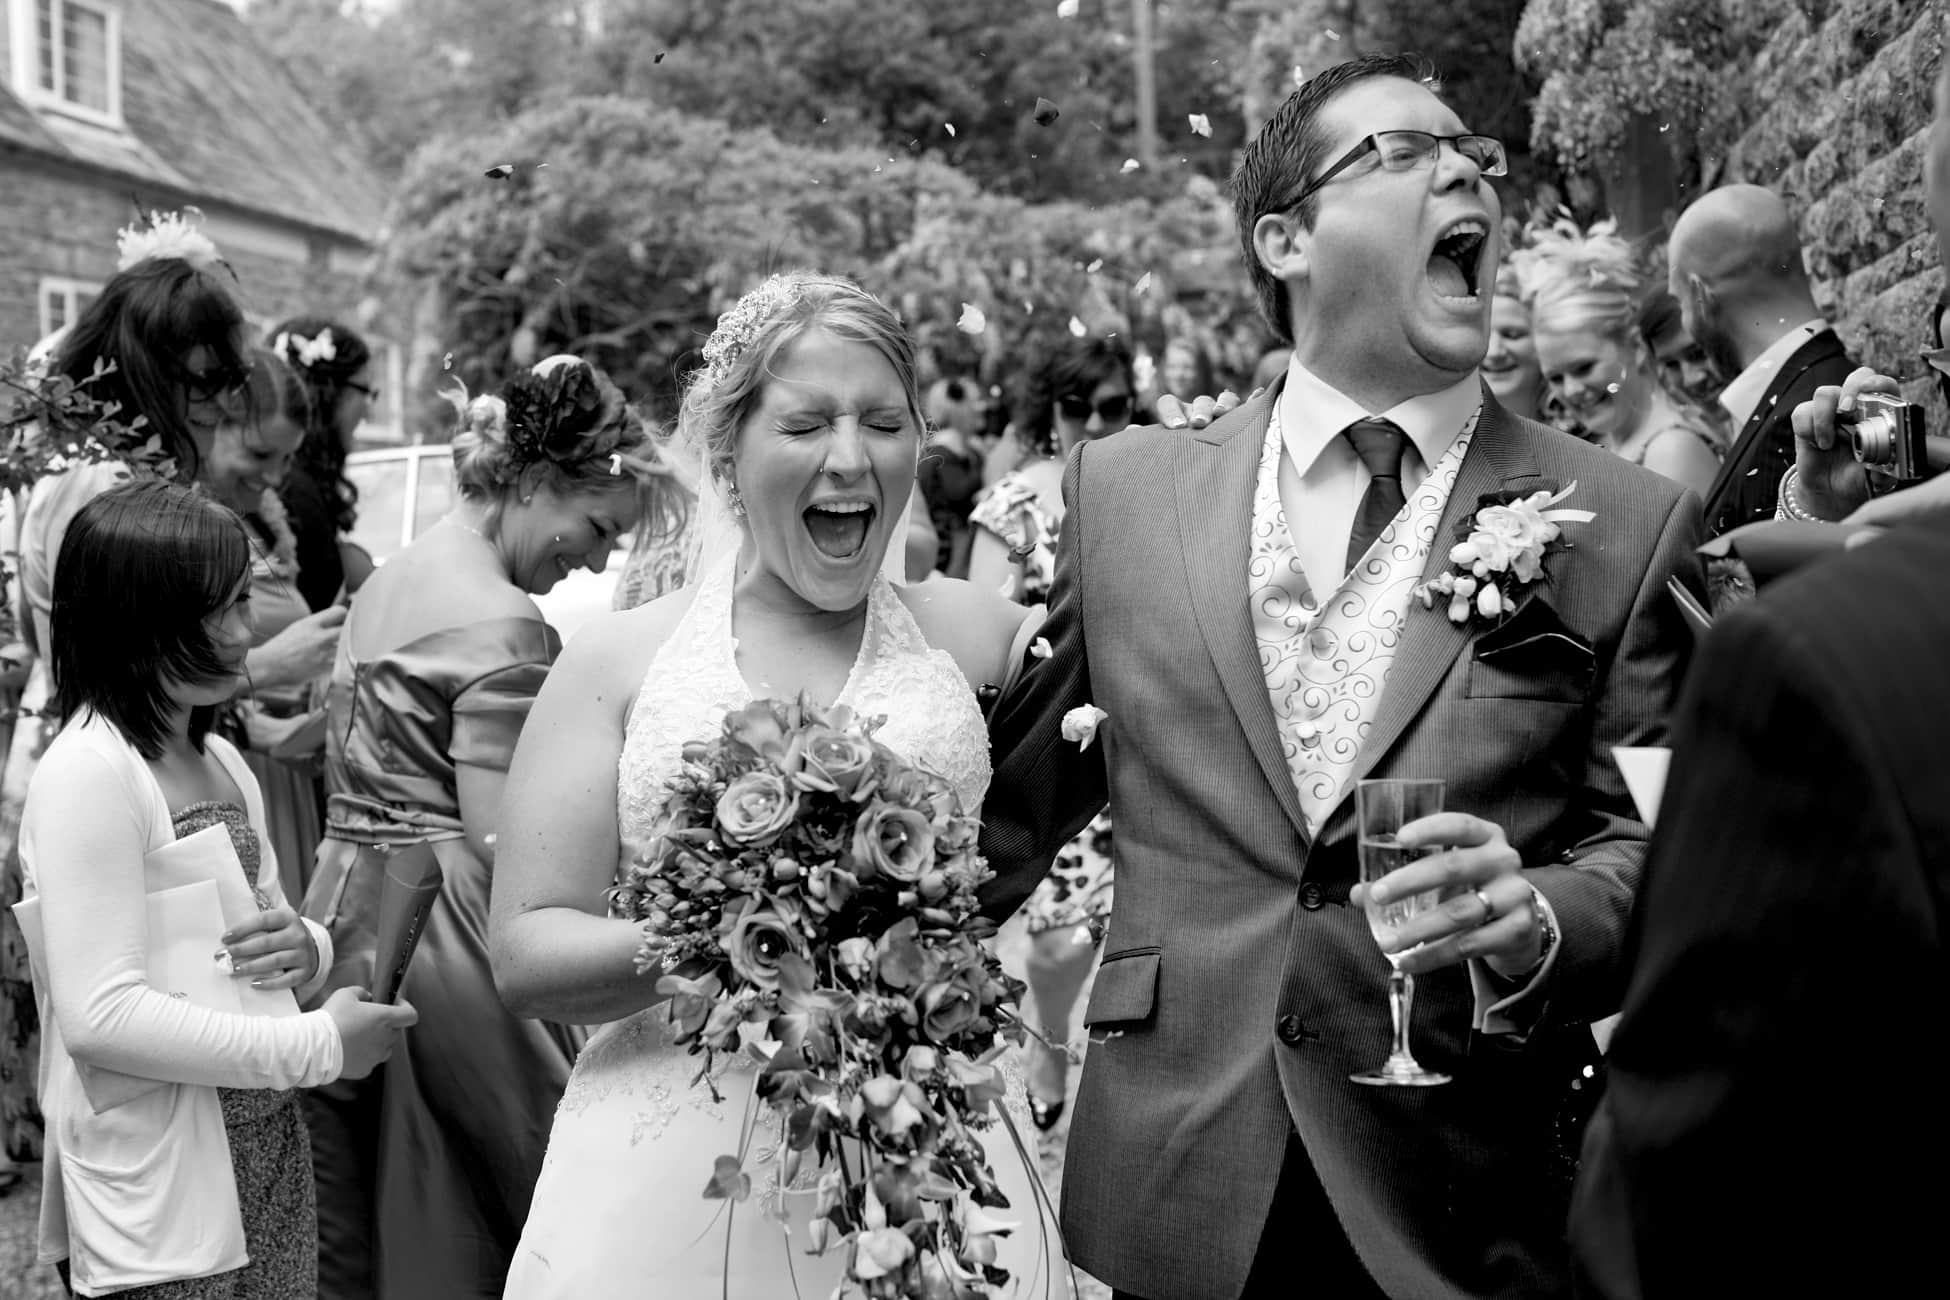 classic-bride-and-groom-in-confetti